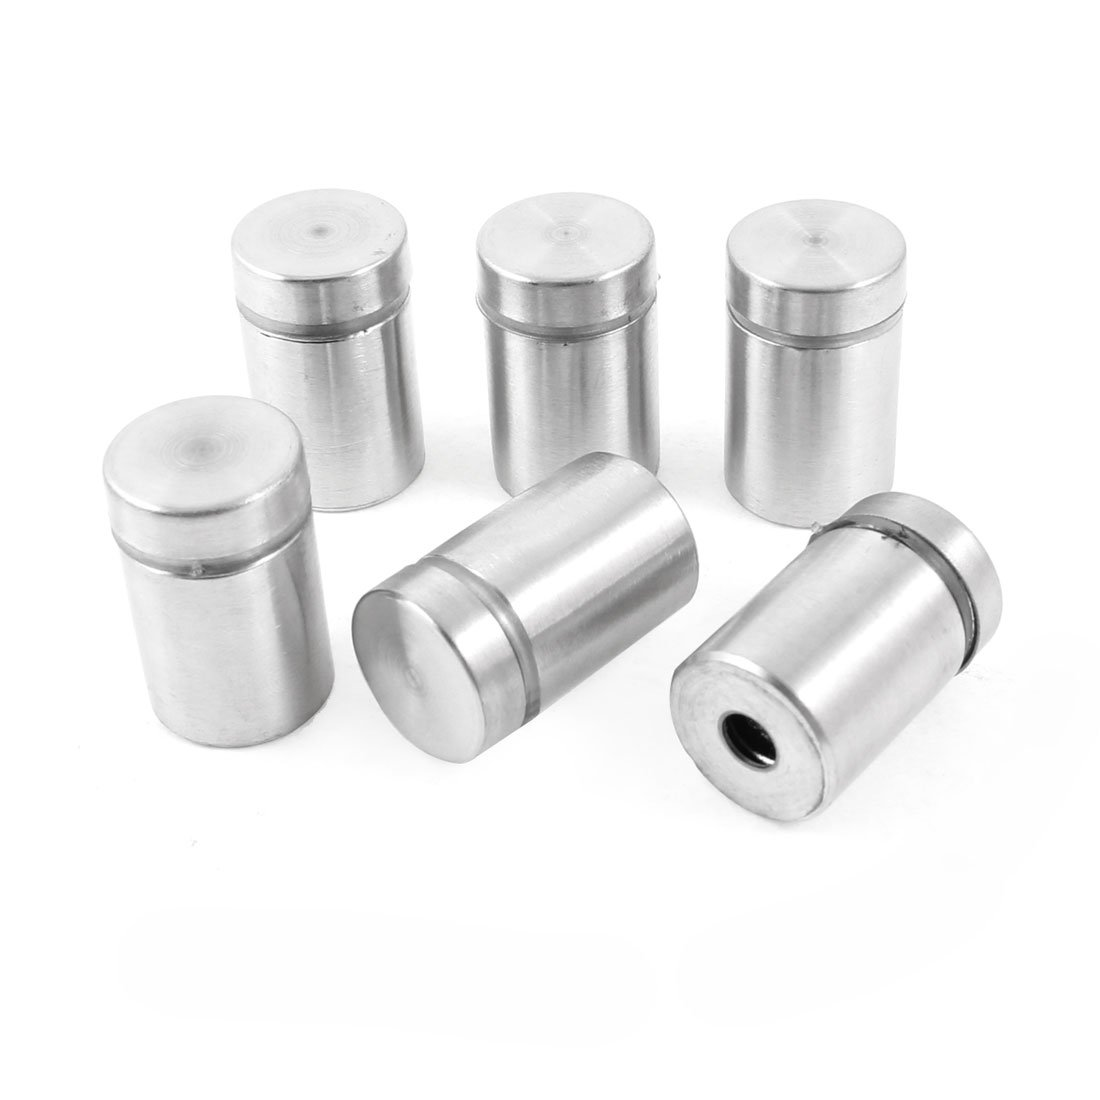 in acciaio INOX 6 pezzi Distanziatore per vetro 16 x 25 mm